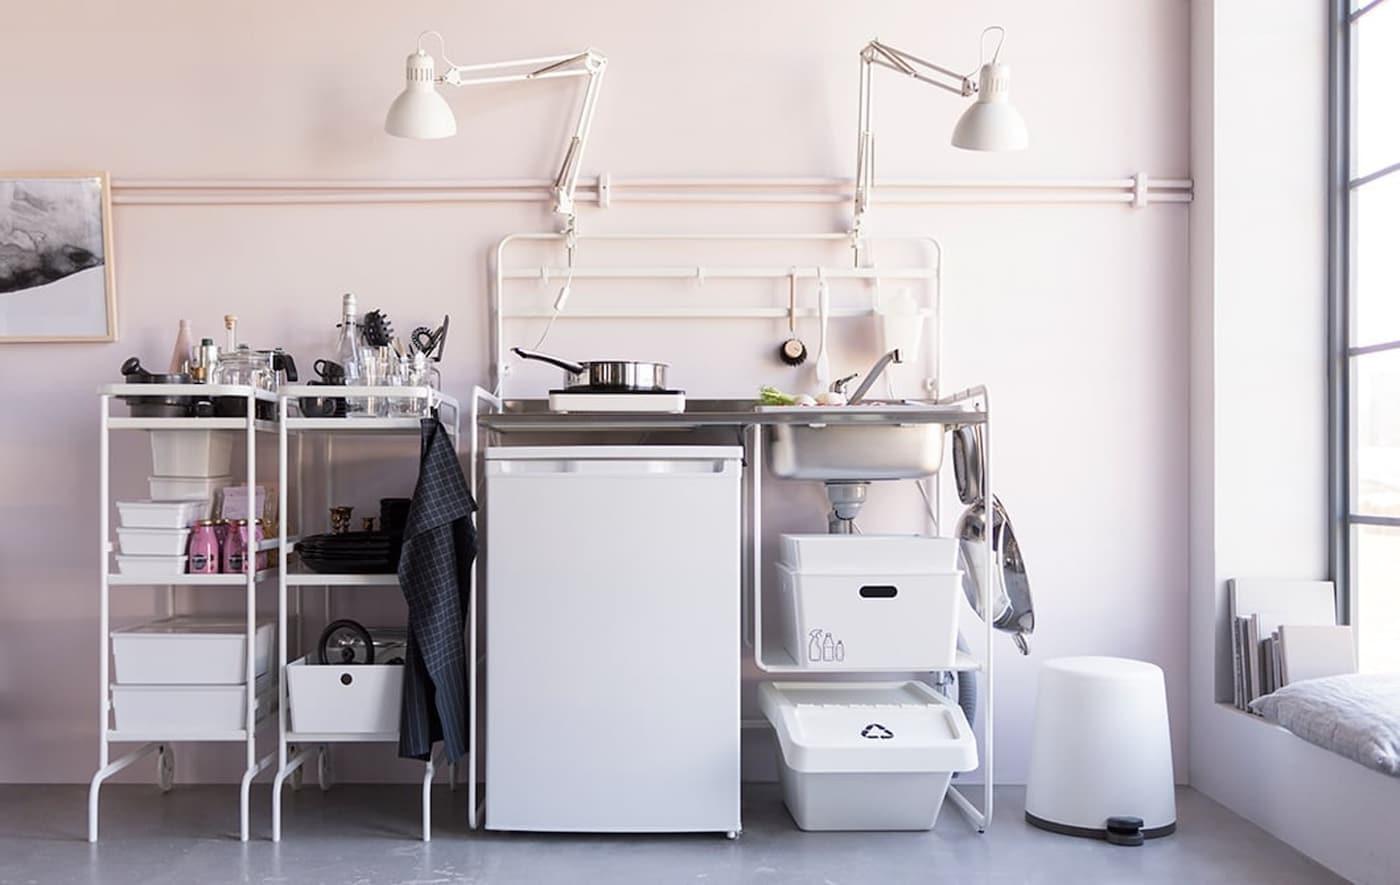 Budget wonen - SUNNERSTA kitchenette - IKEA wooninspiratie